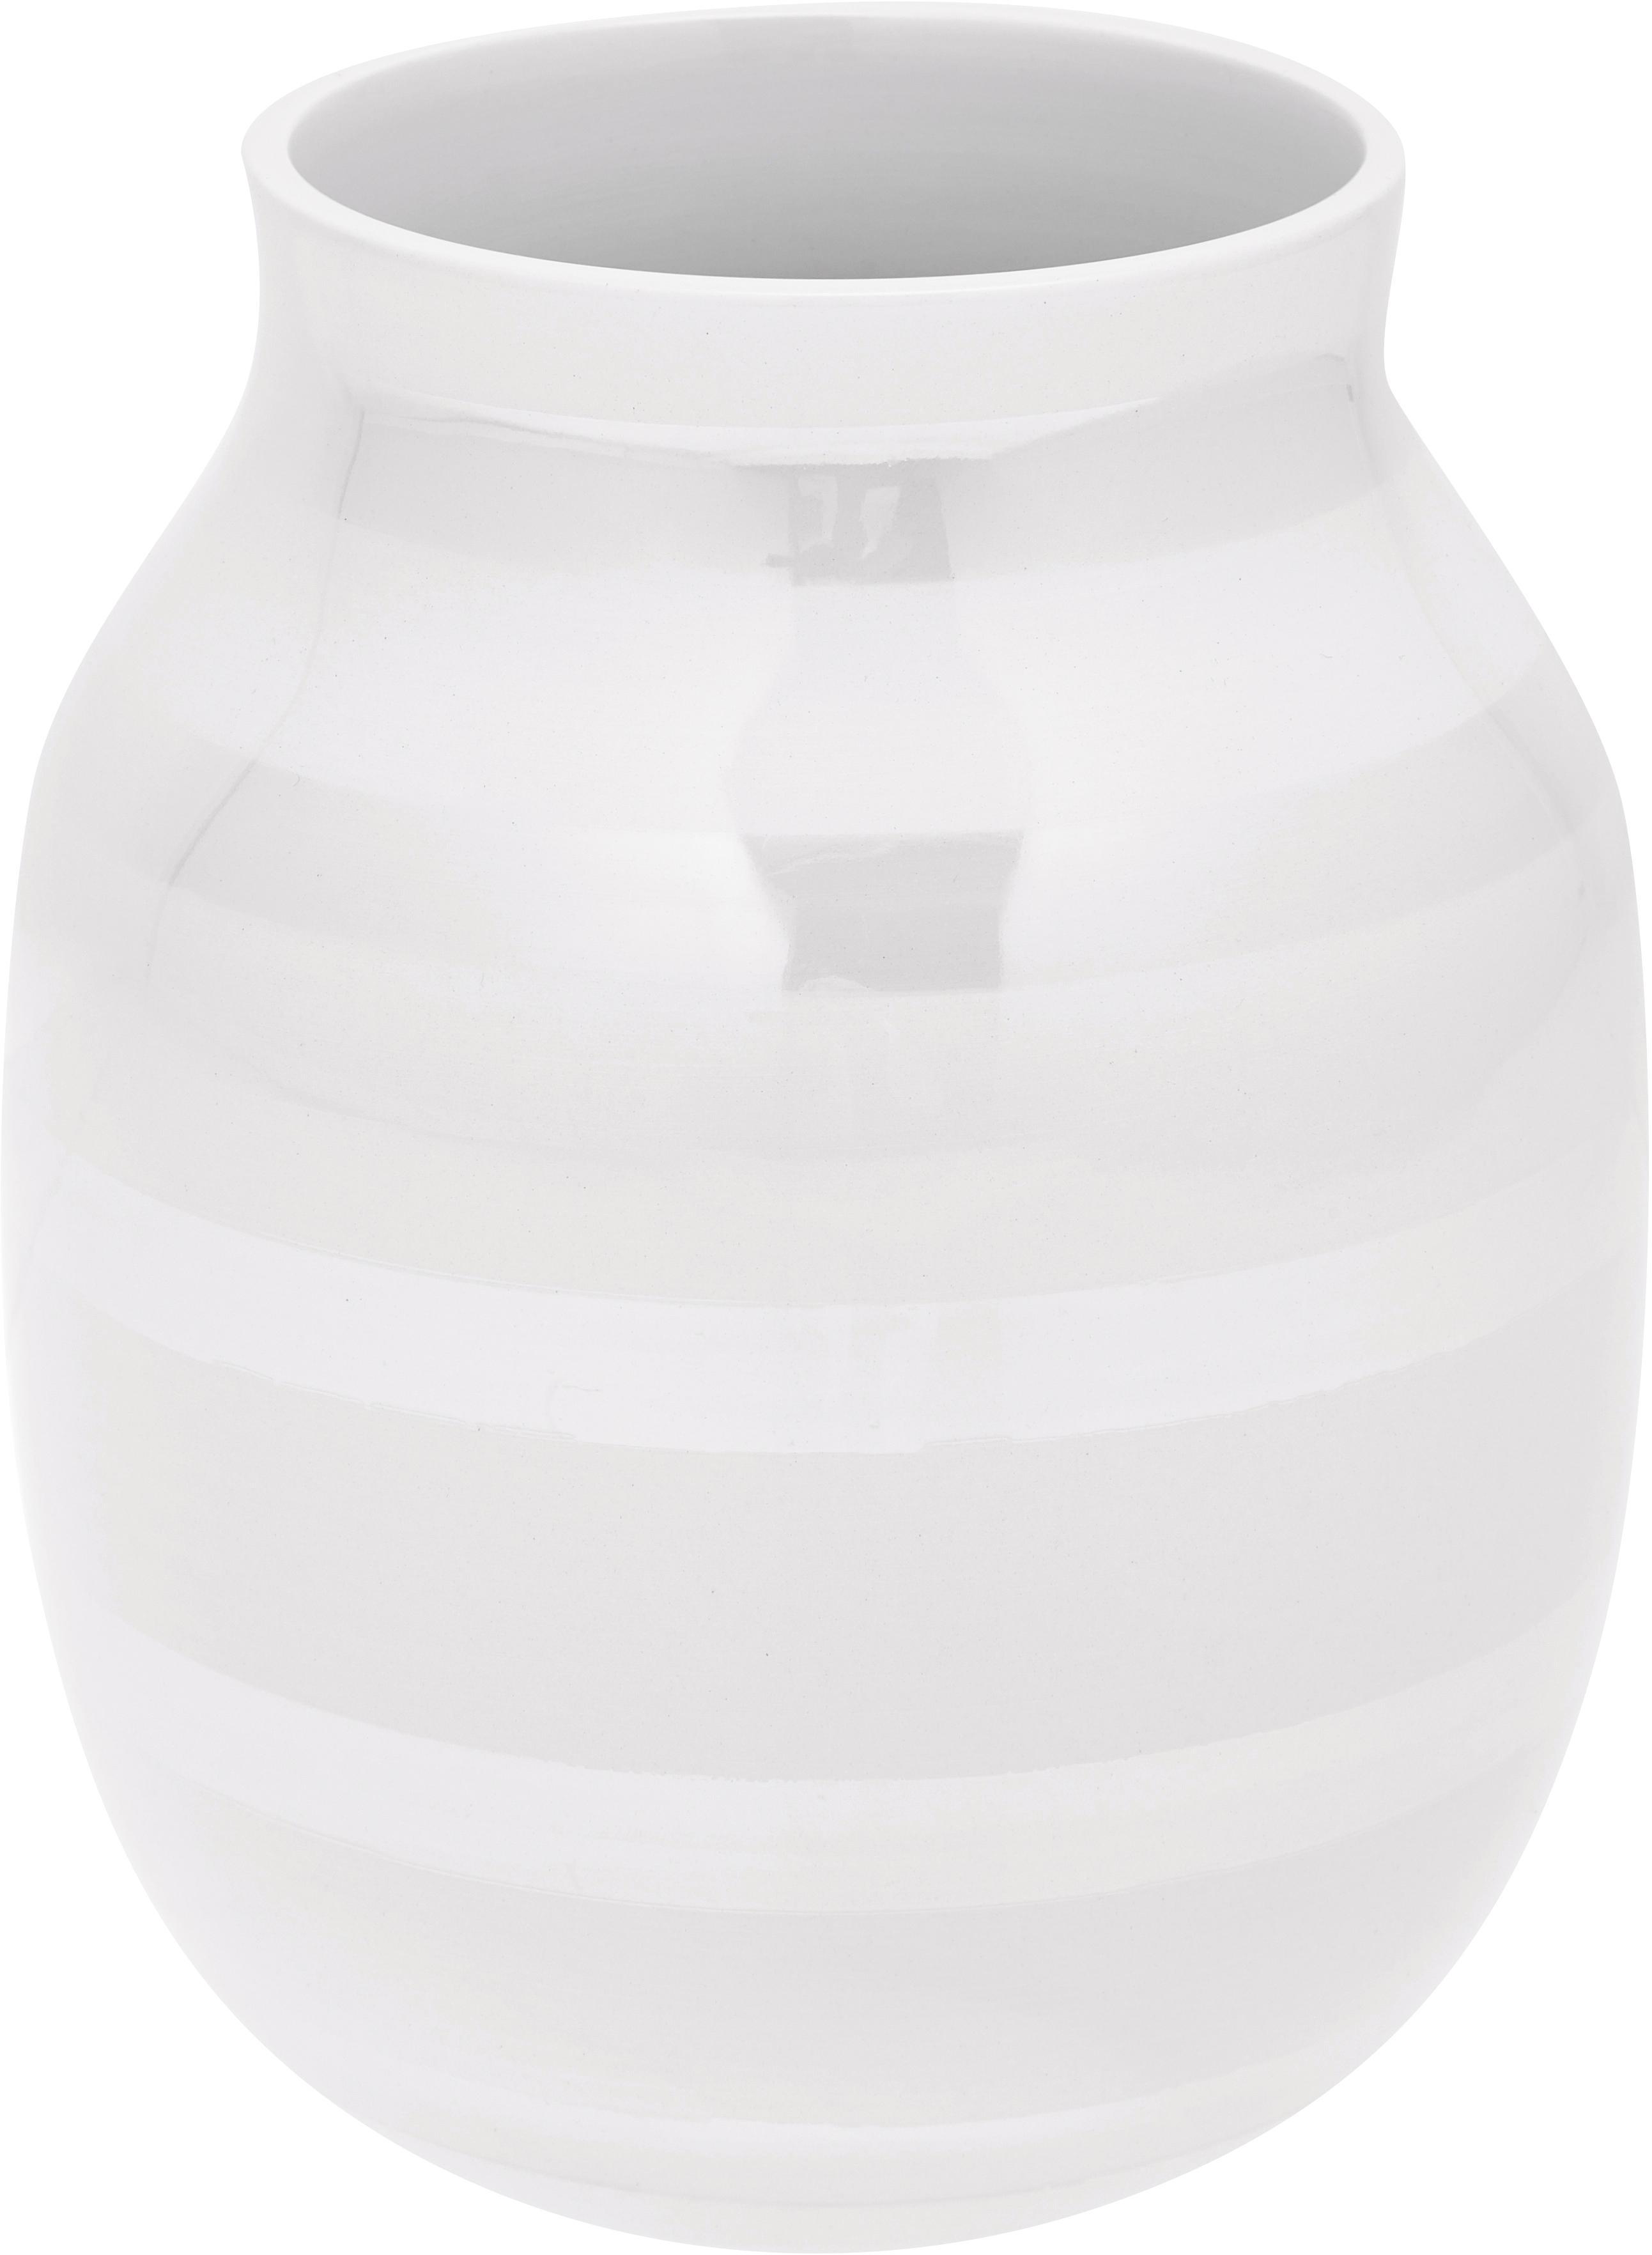 Jarrón artesanal de diseño Omaggio, mediano, Cerámica, Blanco, colores de perla, Ø 17 x Al 20 cm